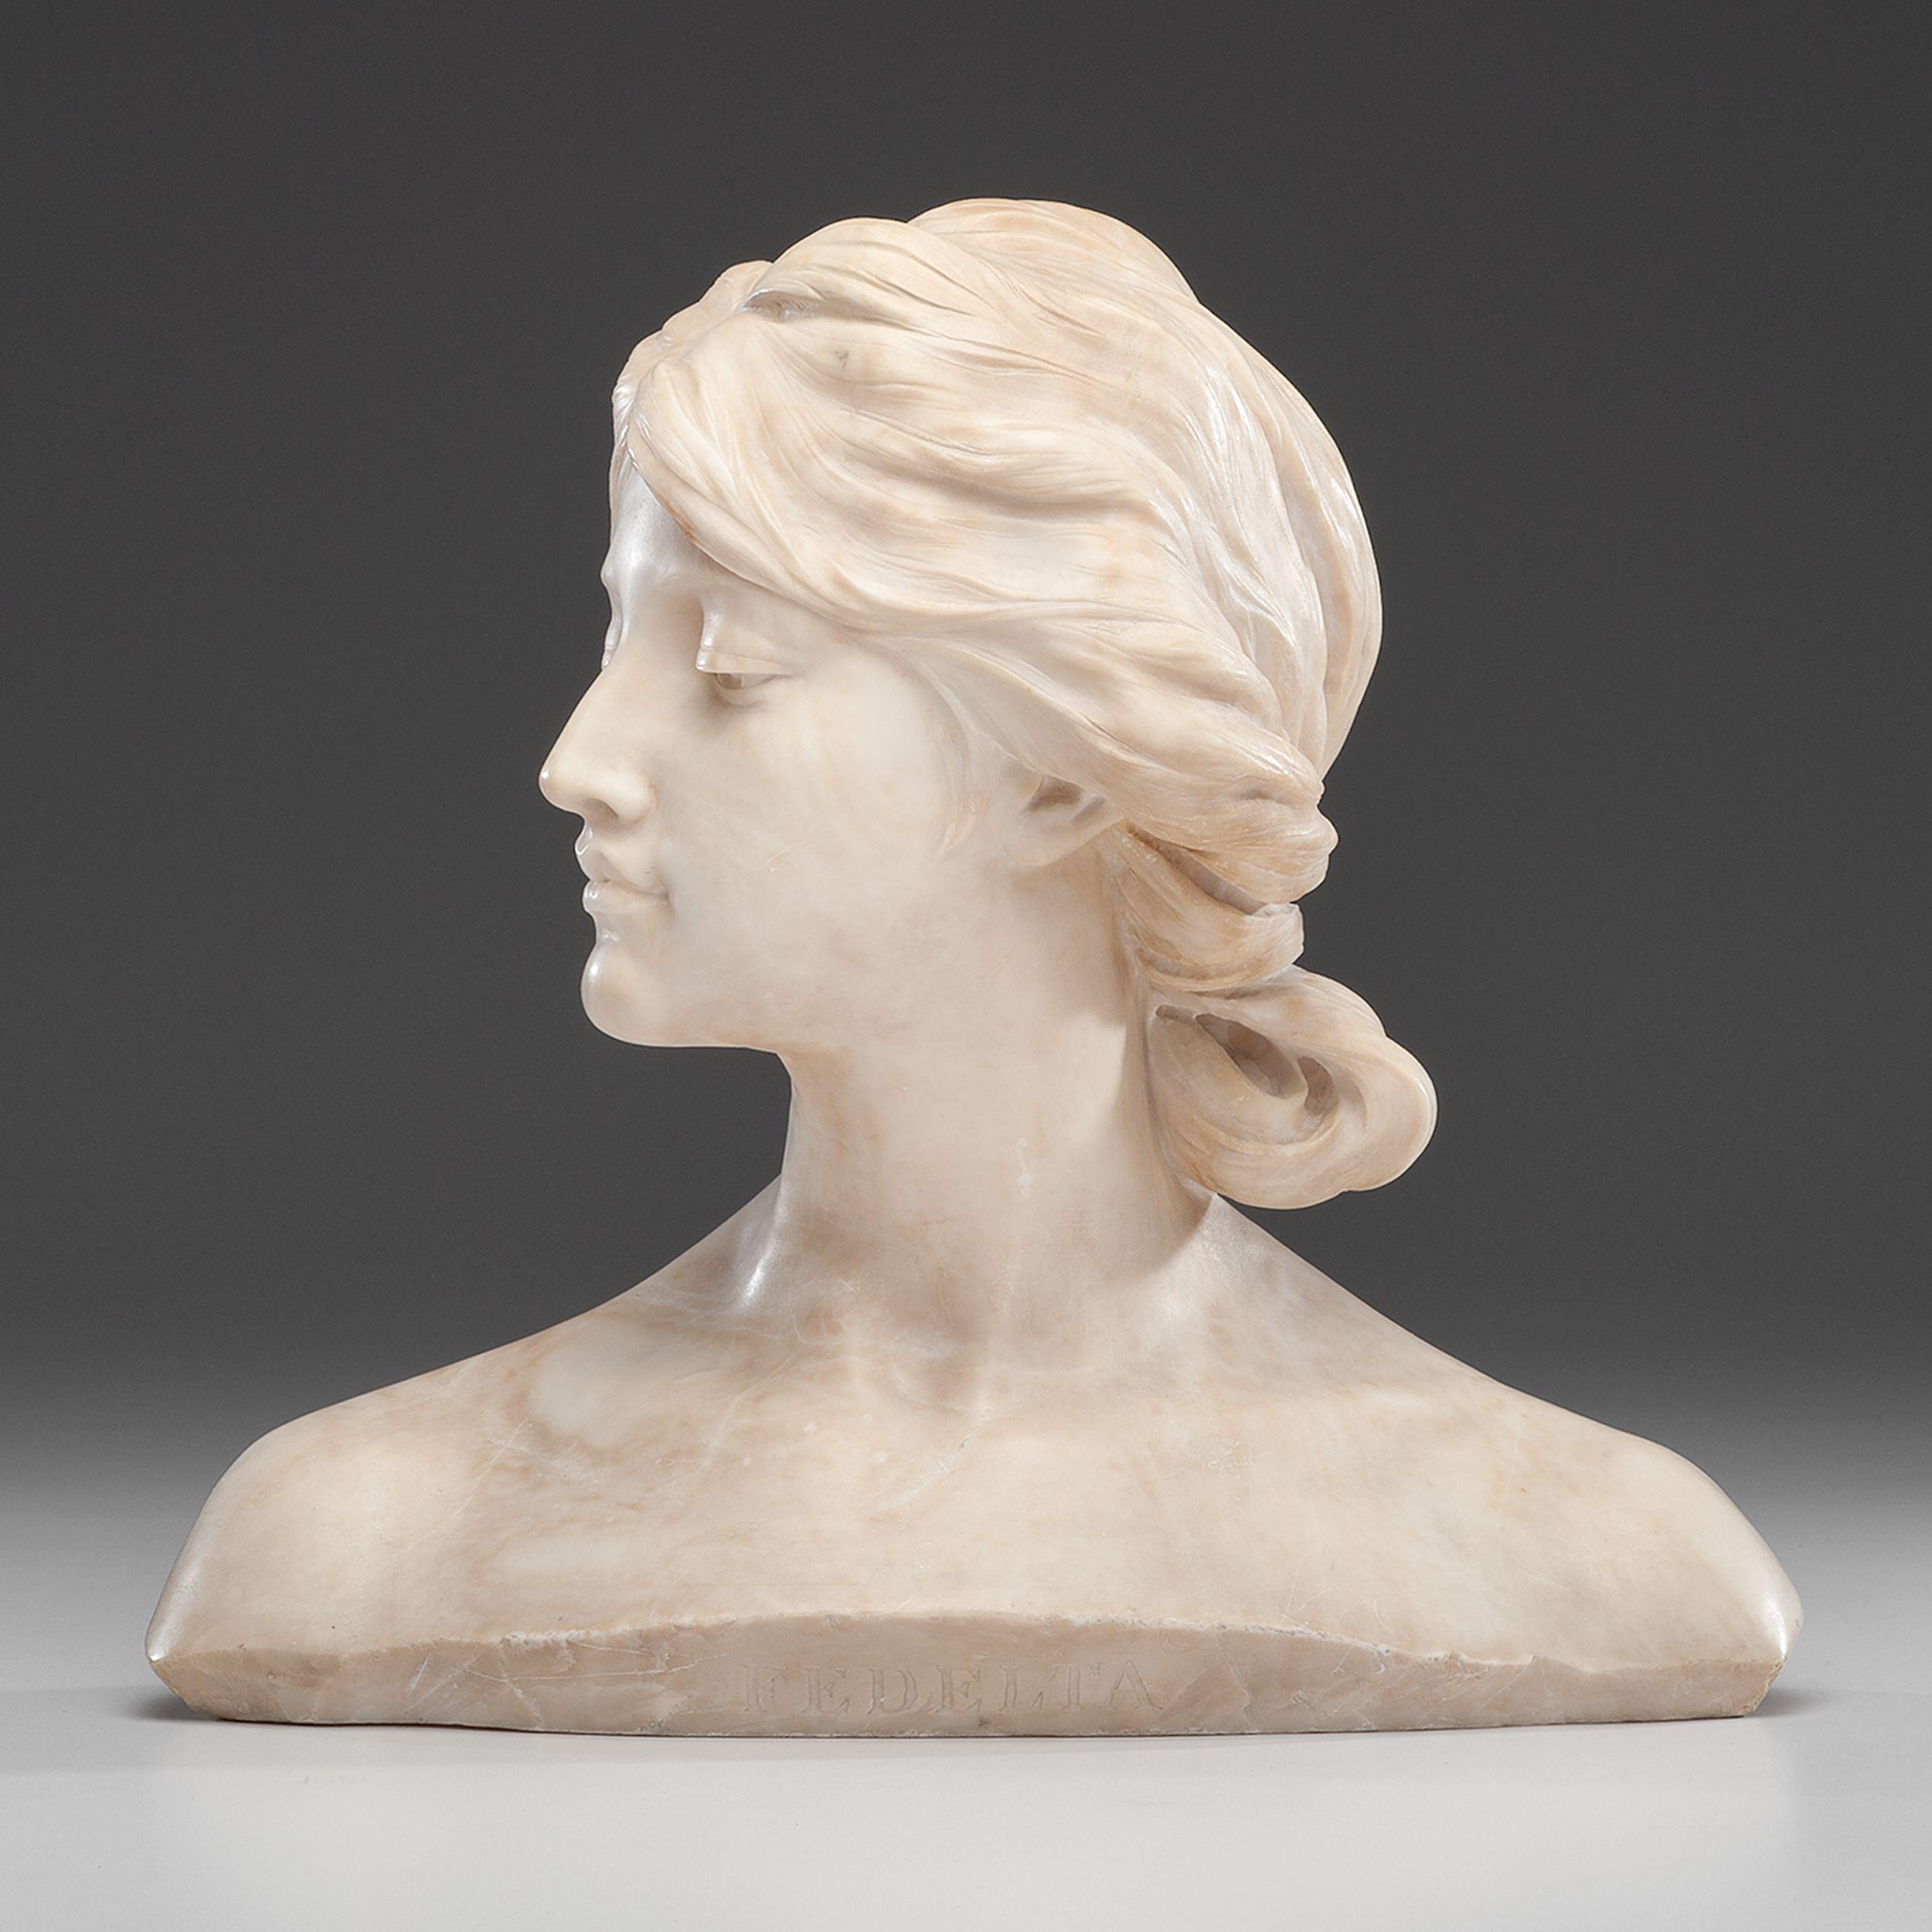 Ferdinando Vichi (Italian, 1875-1945) Fedelta, marble, inscribed on back Galleria F. Vichi Firenze